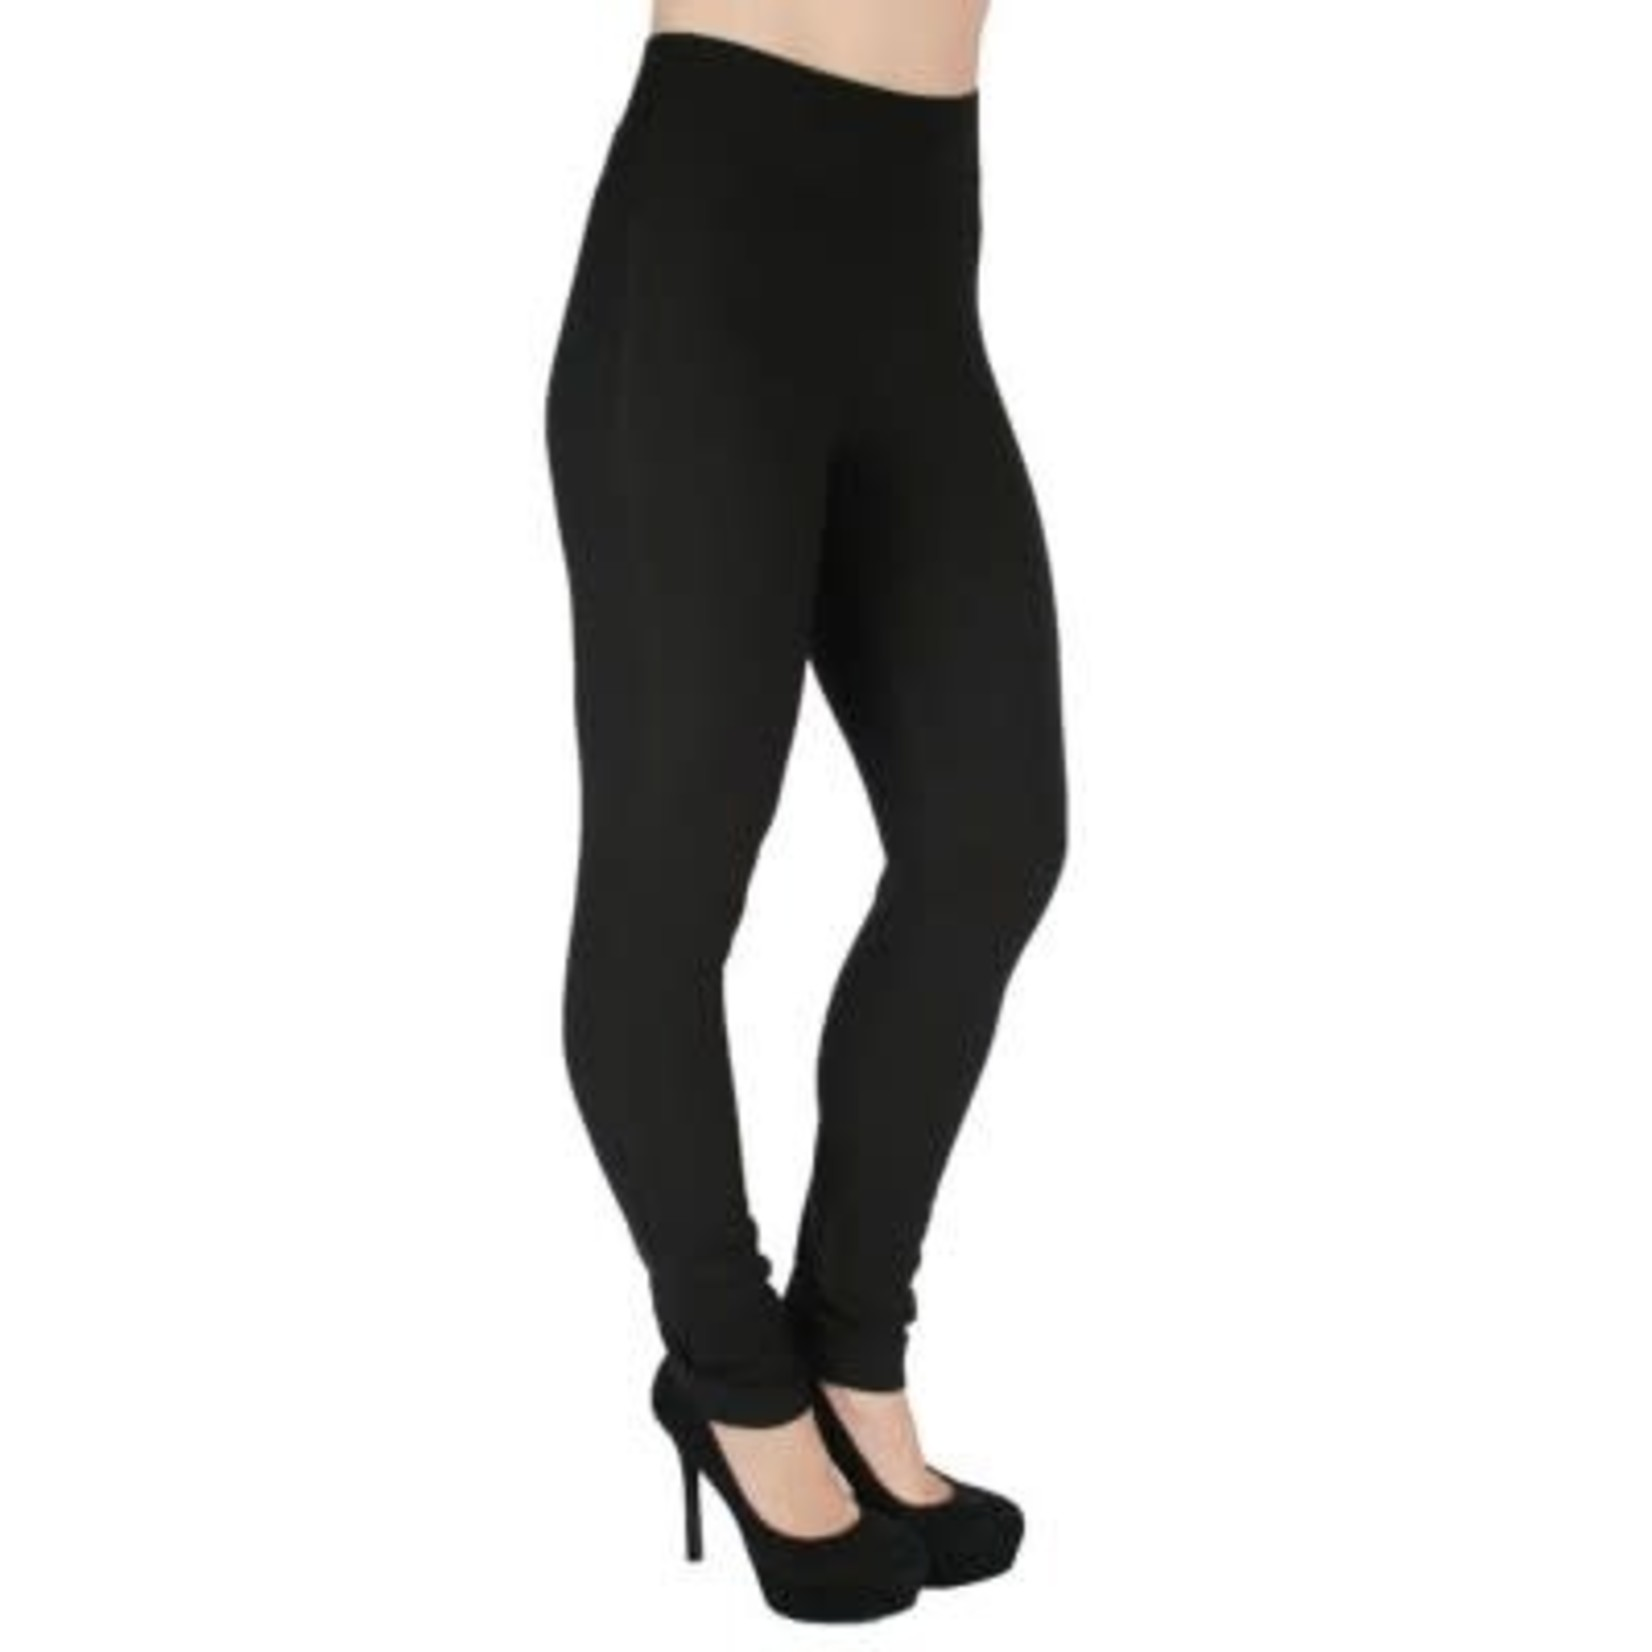 Basic Ponte Legging in Black